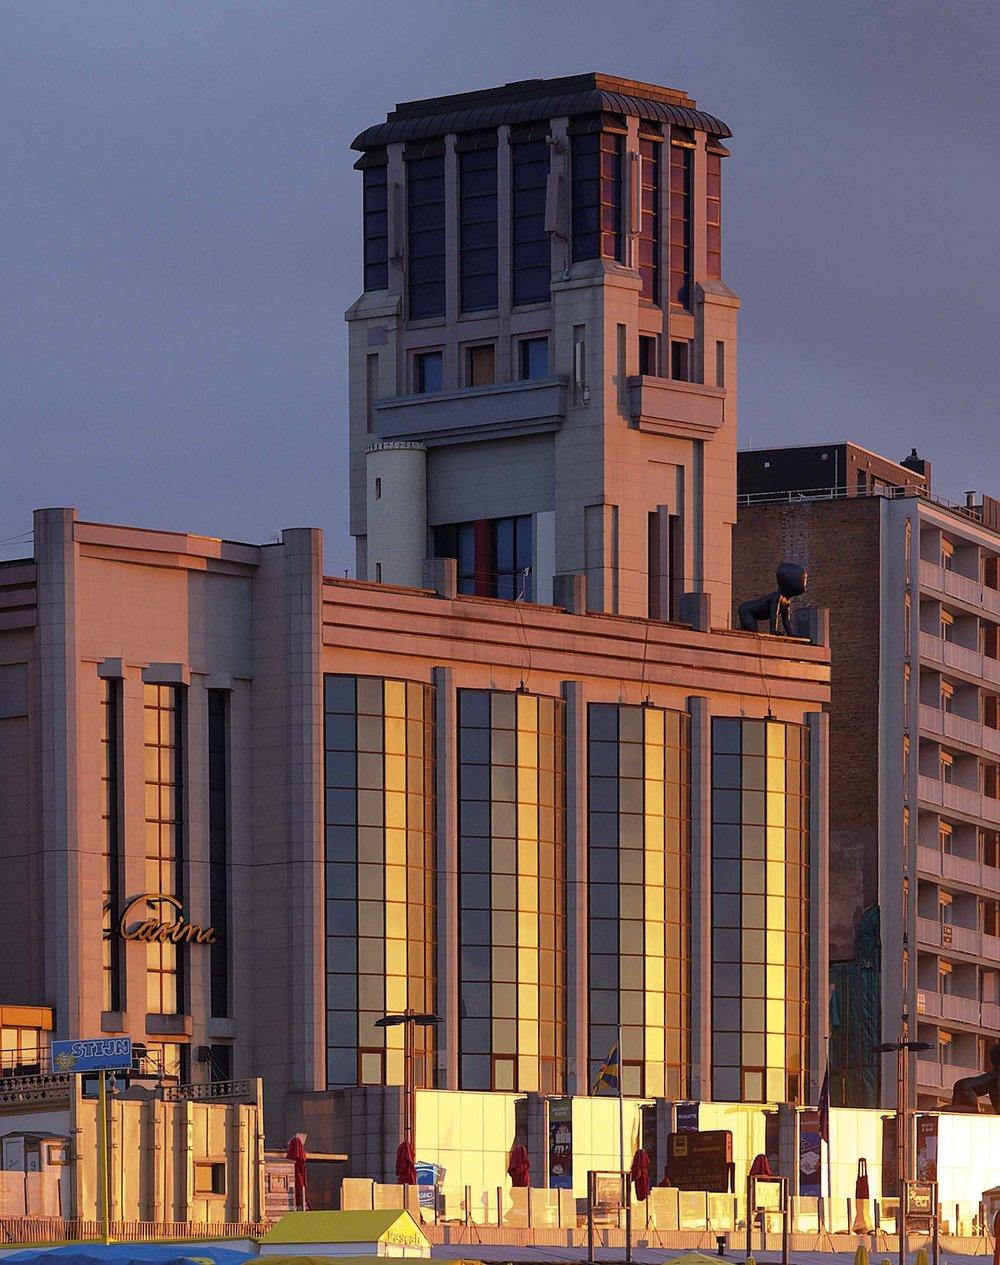 s-025-casino-bij-avondlicht.jpg